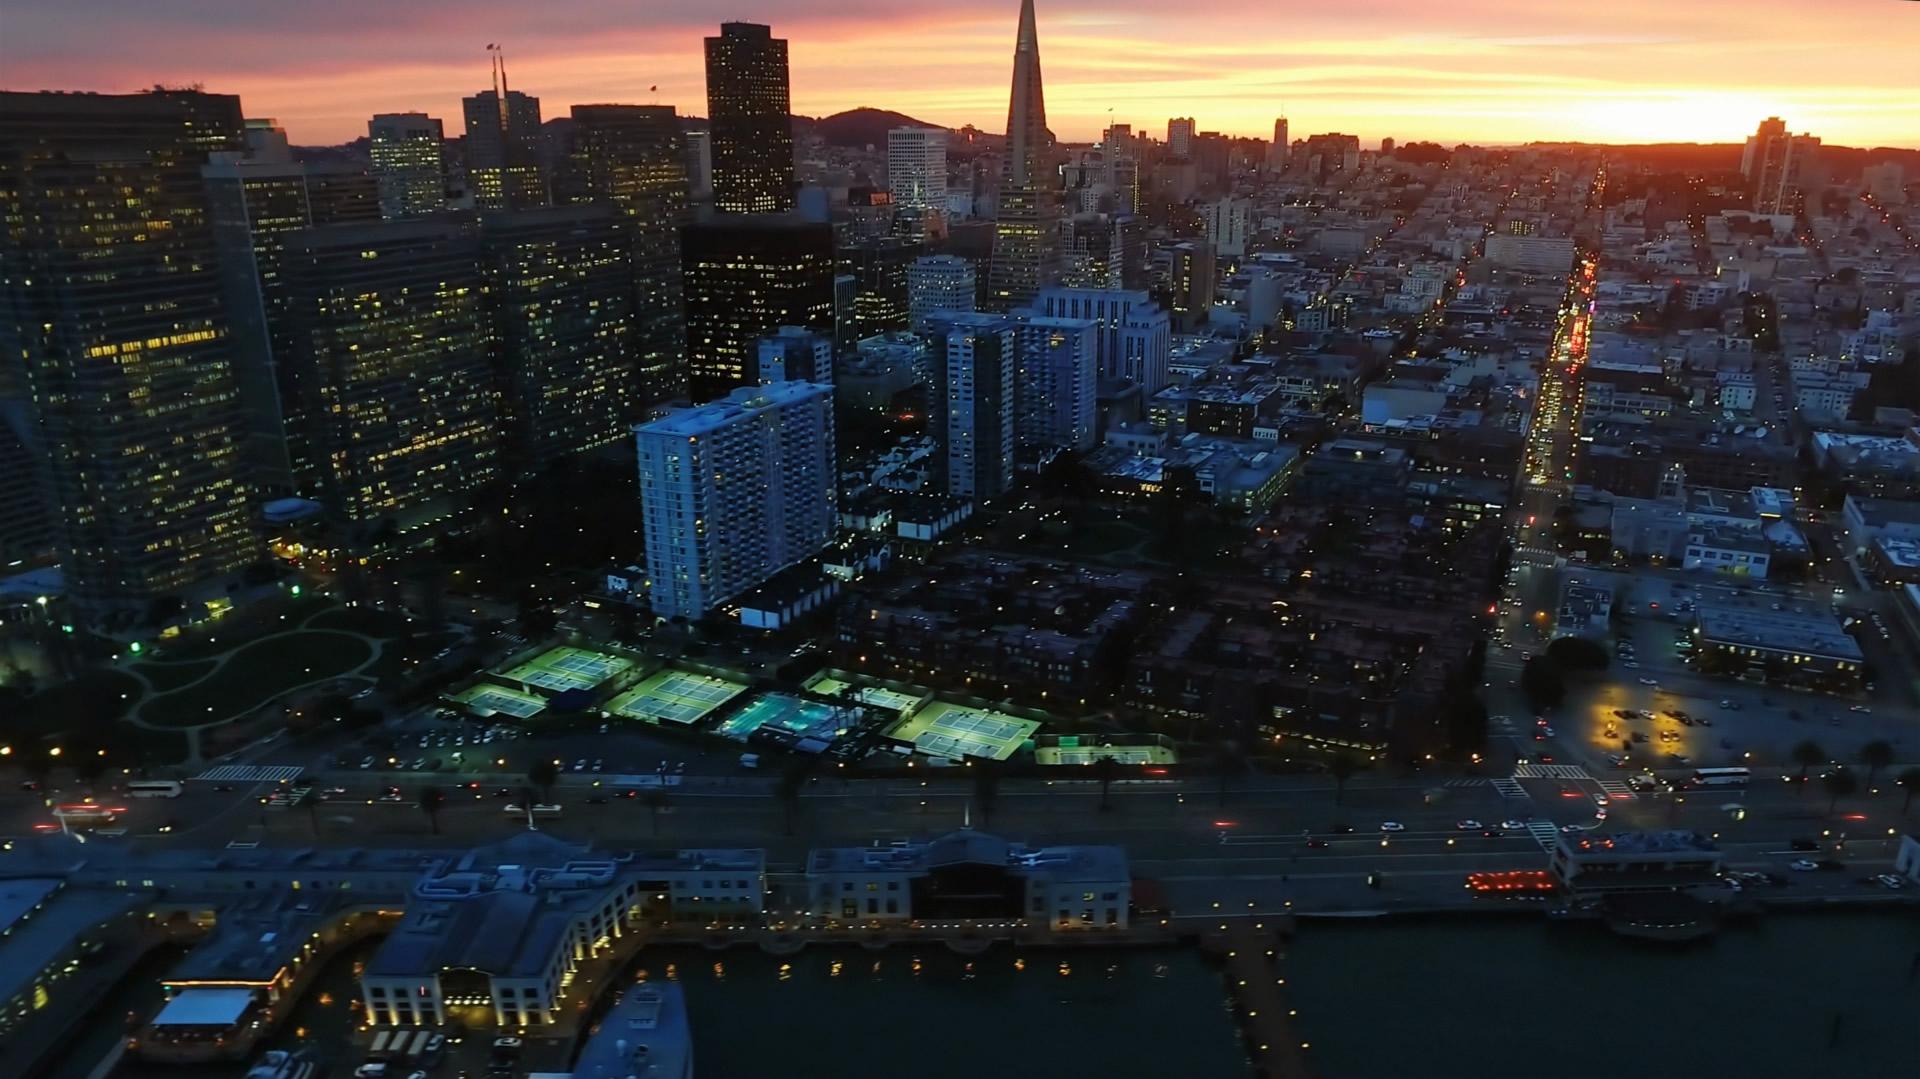 Concept city dusk dawn skyline